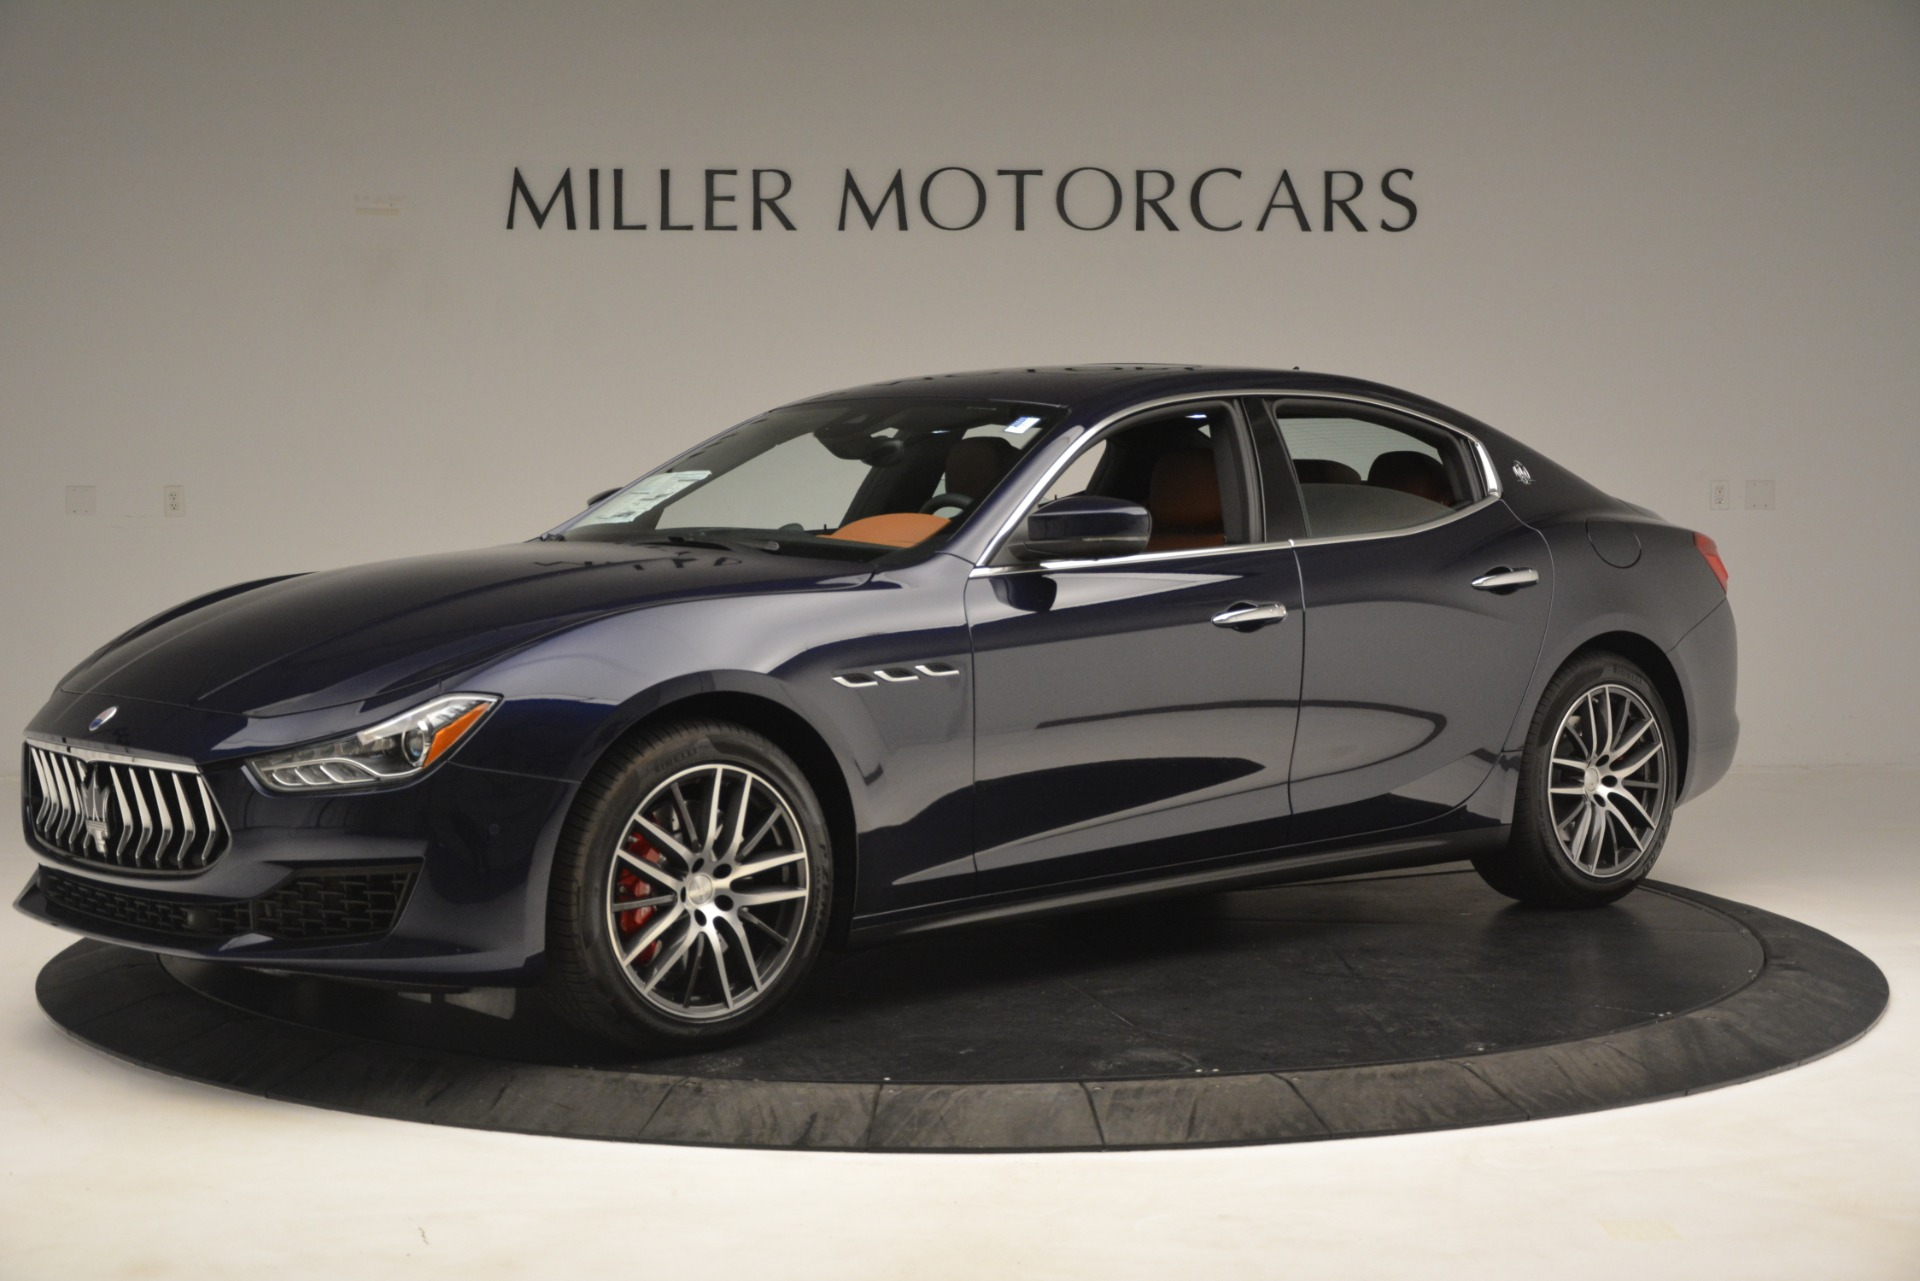 New 2019 Maserati Ghibli S Q4 For Sale In Greenwich, CT 3106_p2